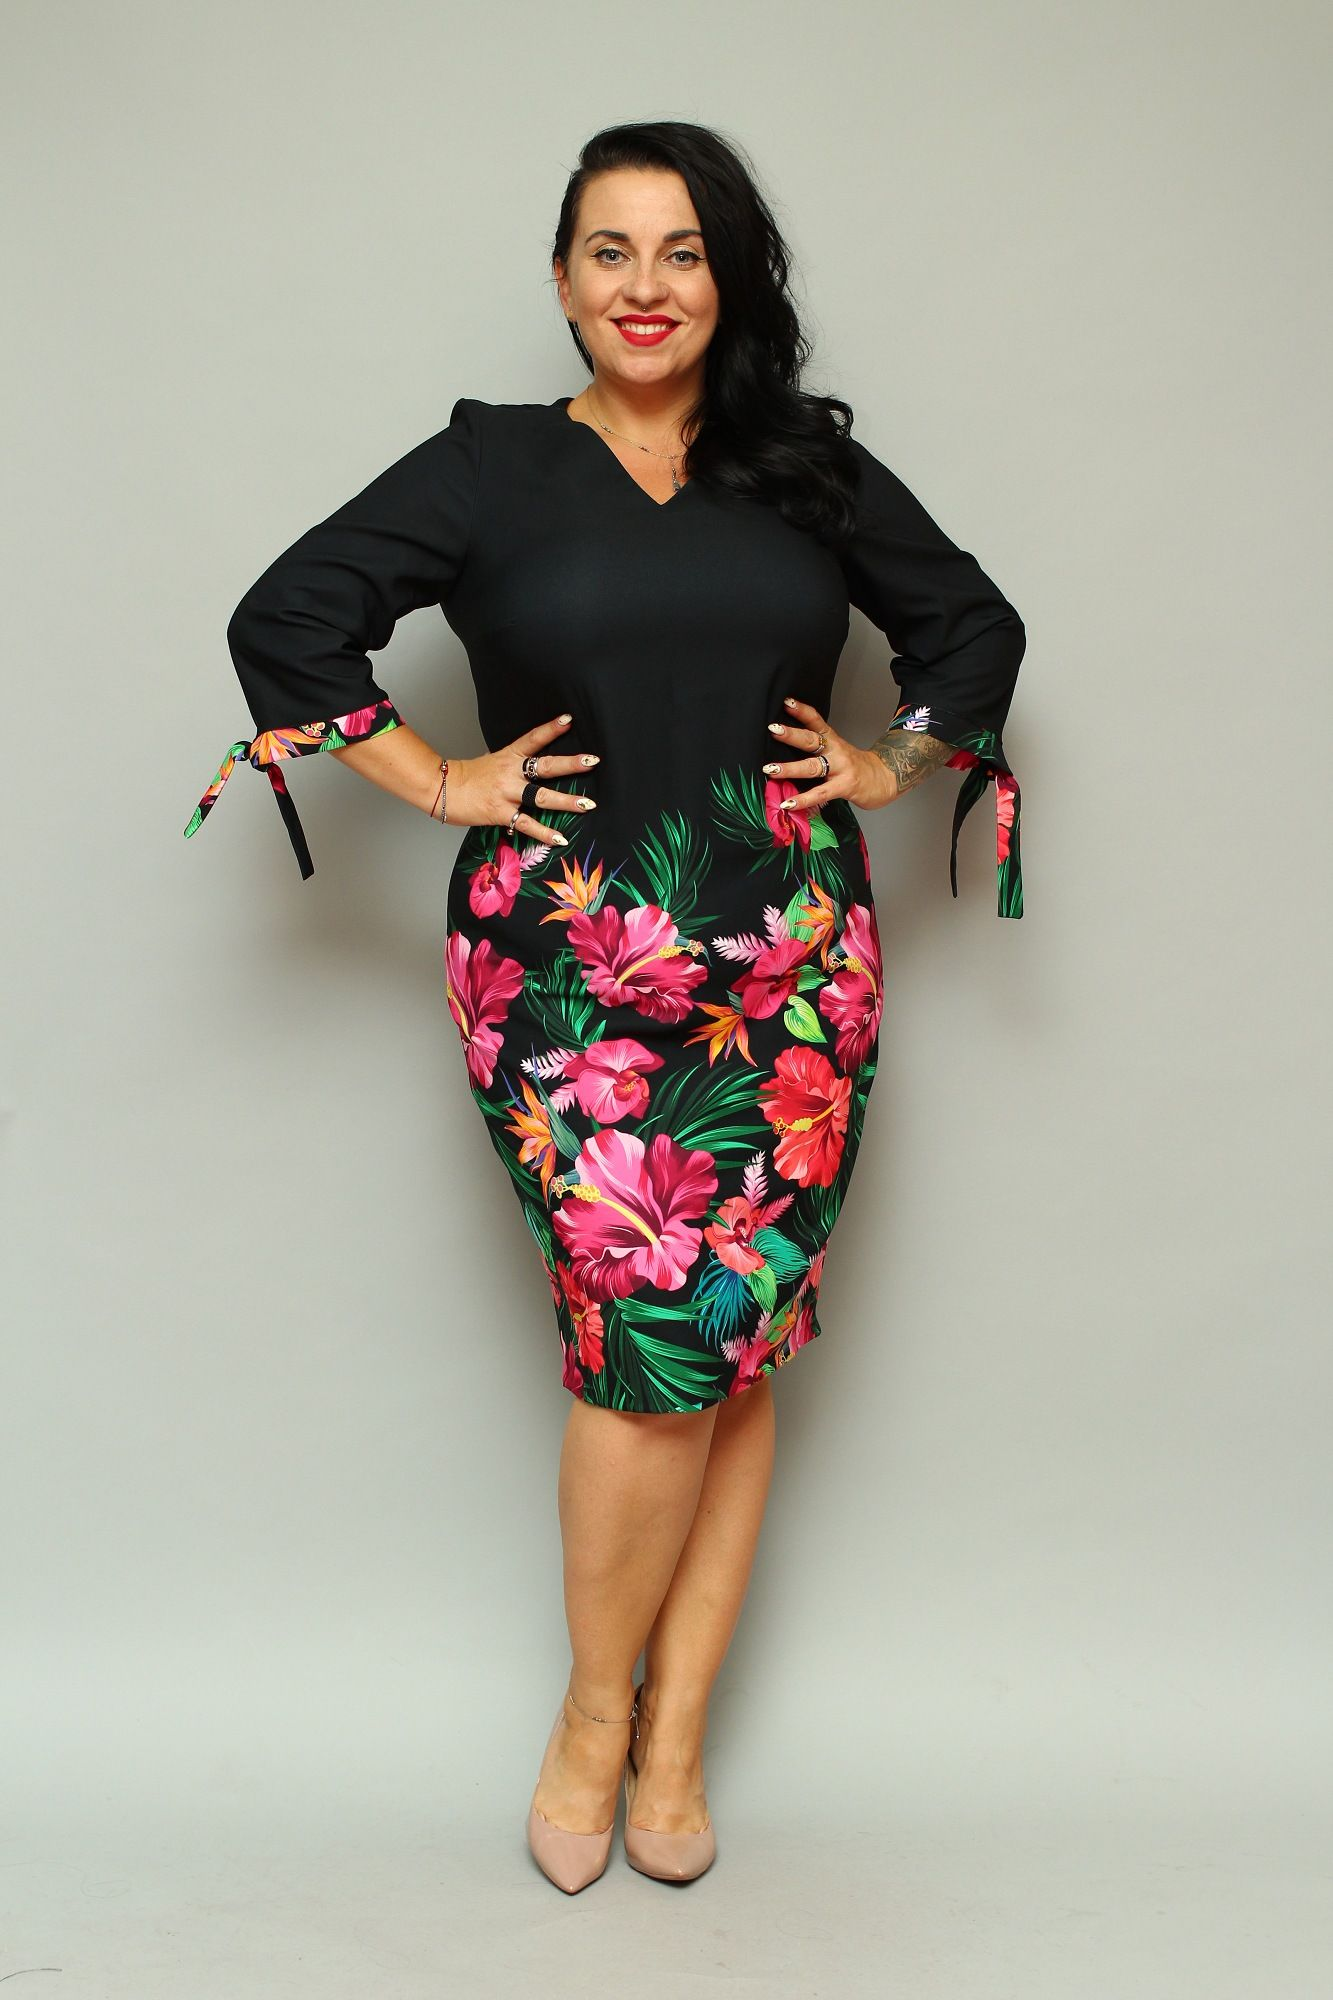 Sukienka Melania Olowkowa Czarna Kwiaty Sklep Internetowy Plus Size Tie Dye Skirt Fashion High Neck Dress